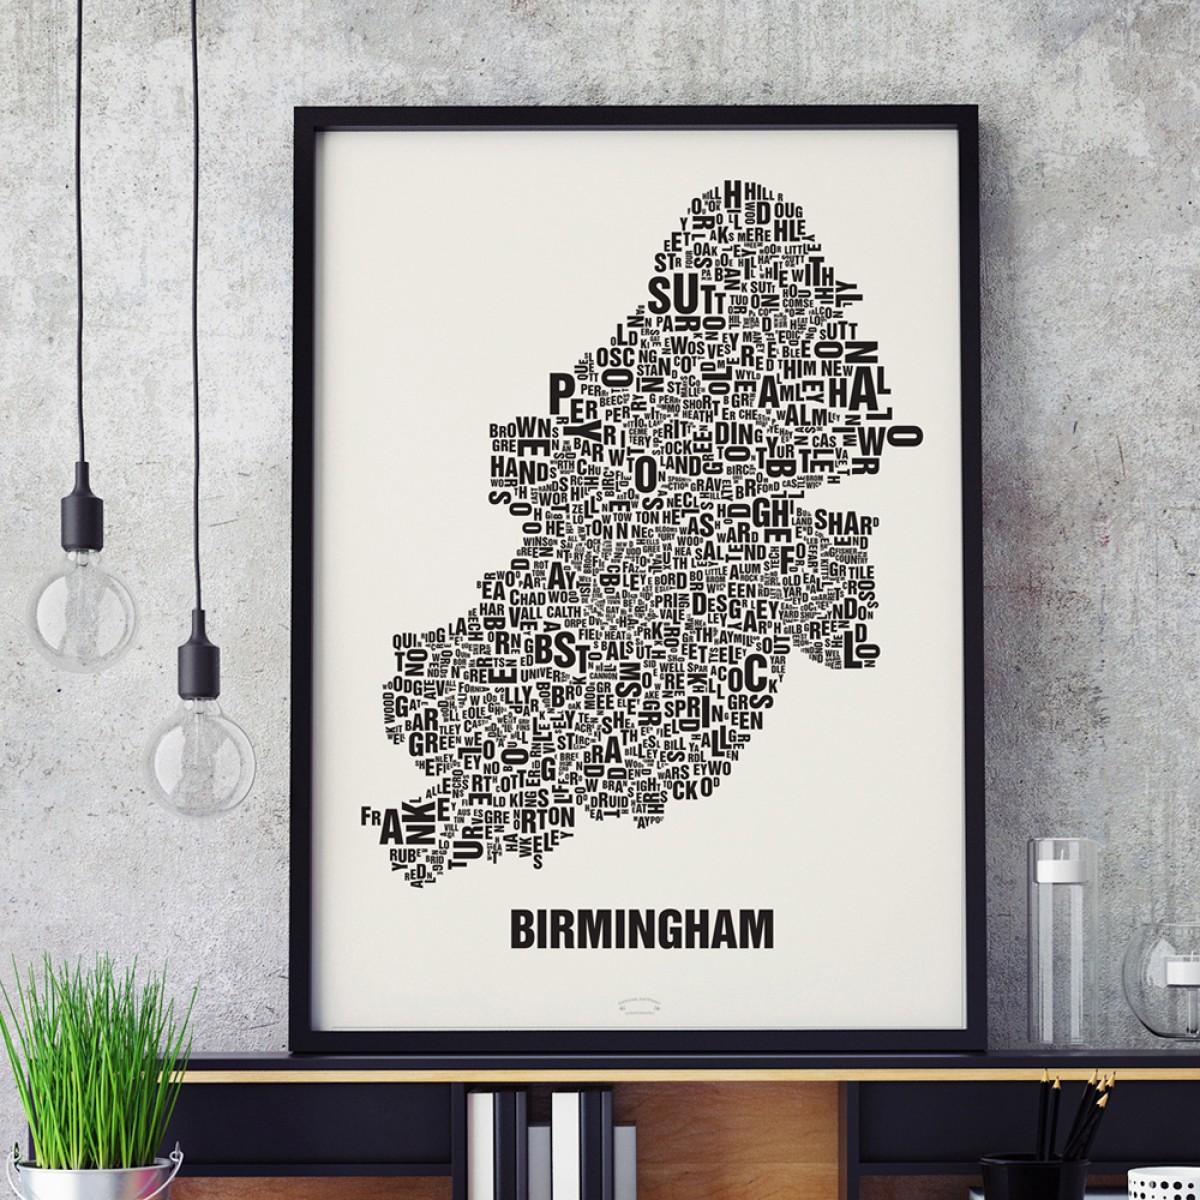 Buchstabenort Birmingham Stadtteile-Poster Typografie Siebdruck